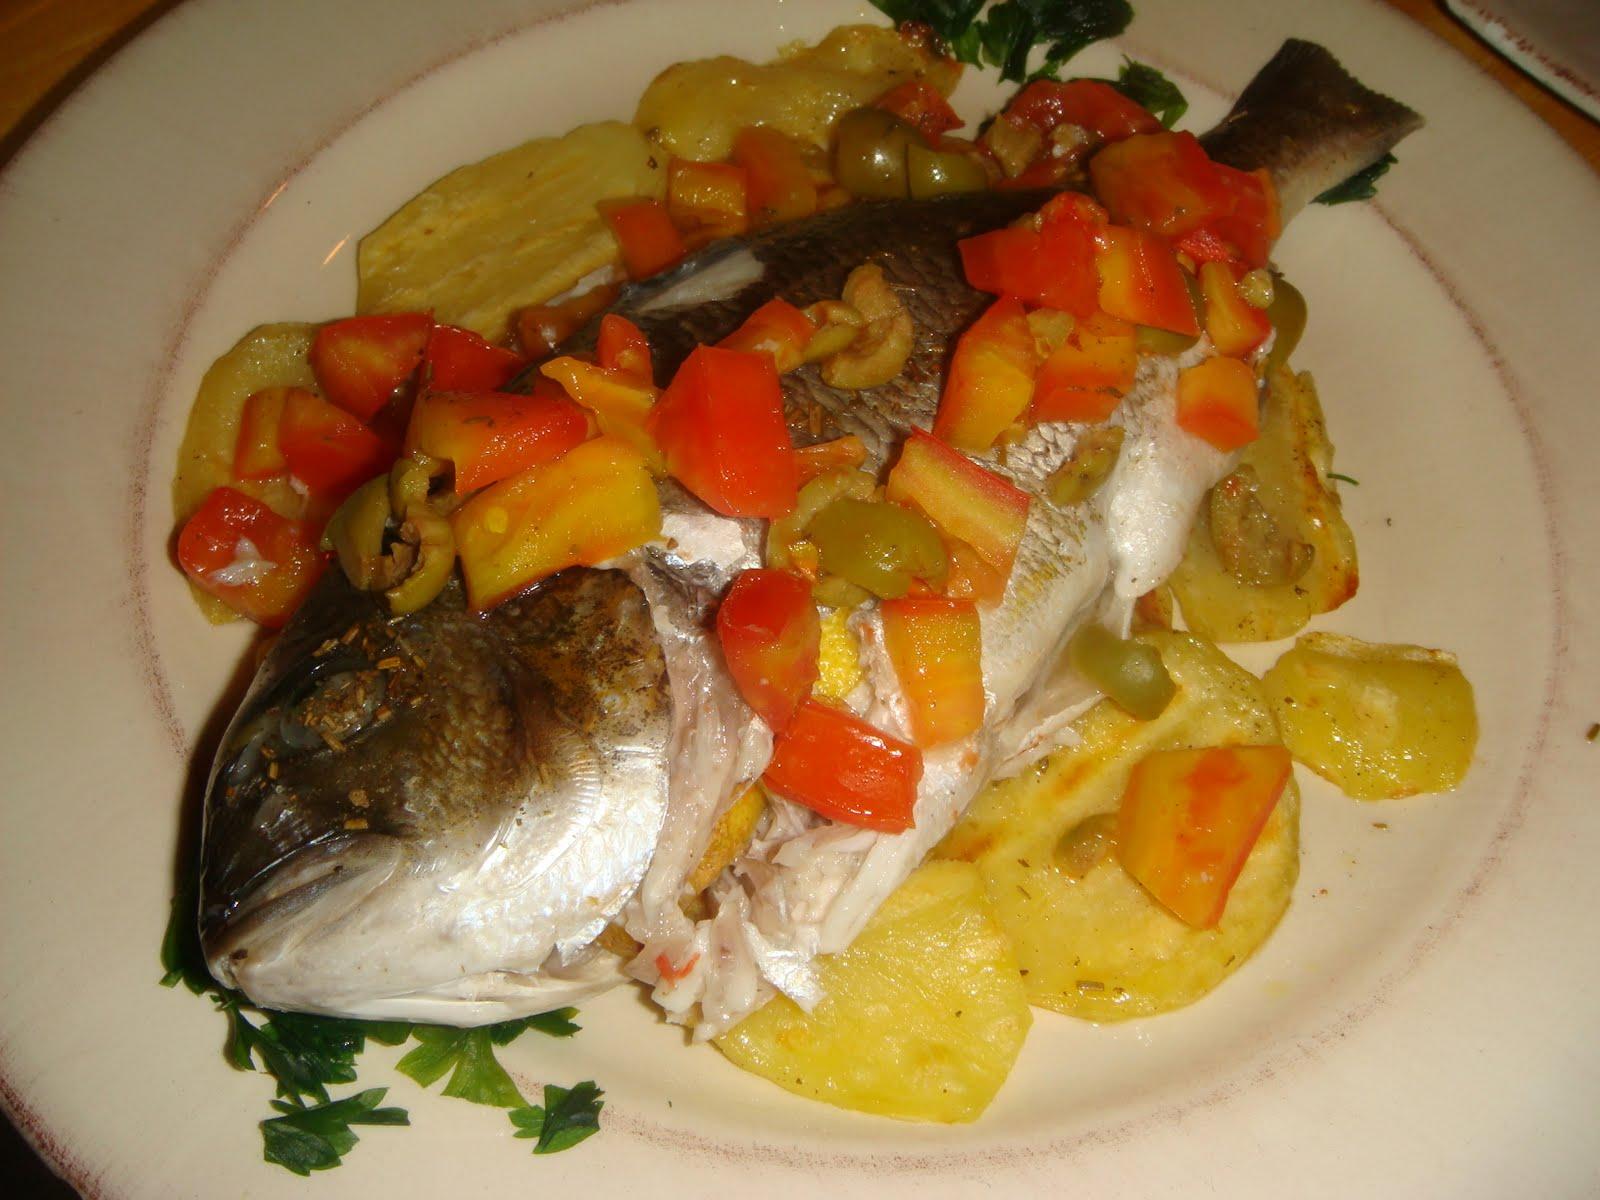 Dolcemente salato orata al forno su letto di patate - Pesce su letto di patate ...